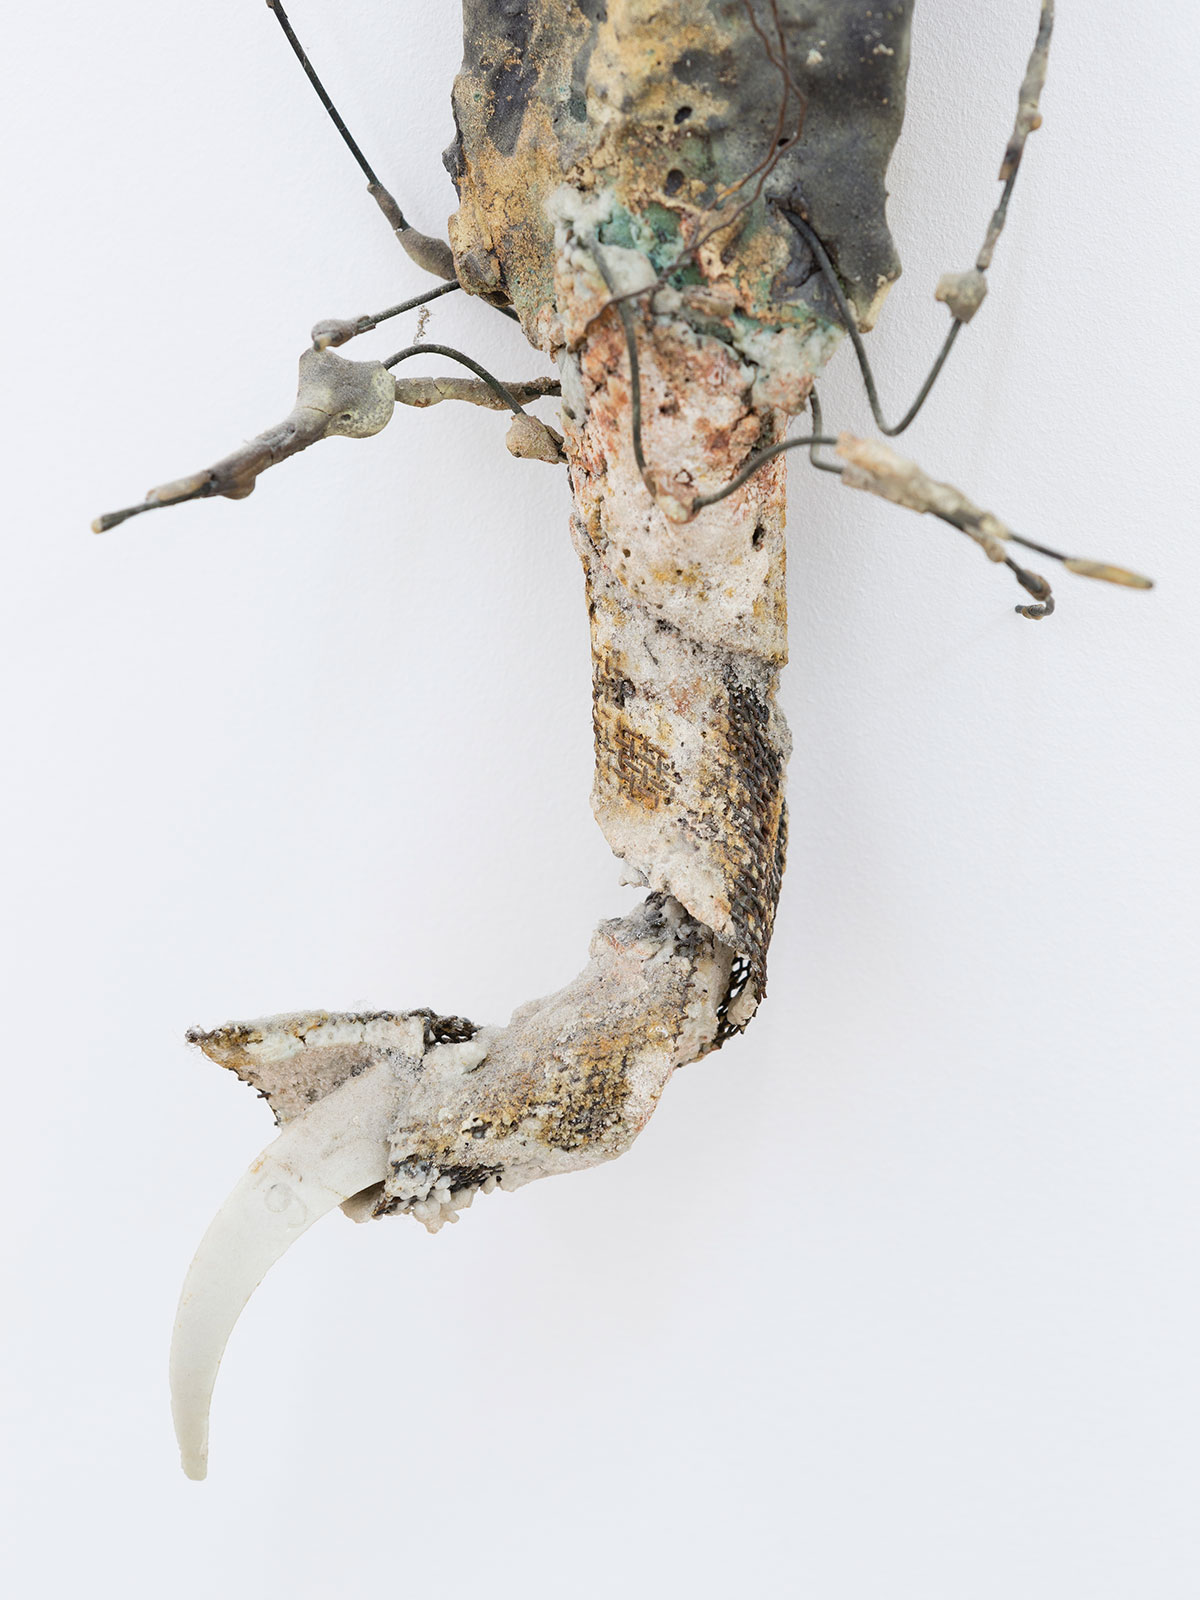 5.Hook-Figure-1994-Ceramic-loofahs-hooks-140-x-8-x-12-cm.jpg